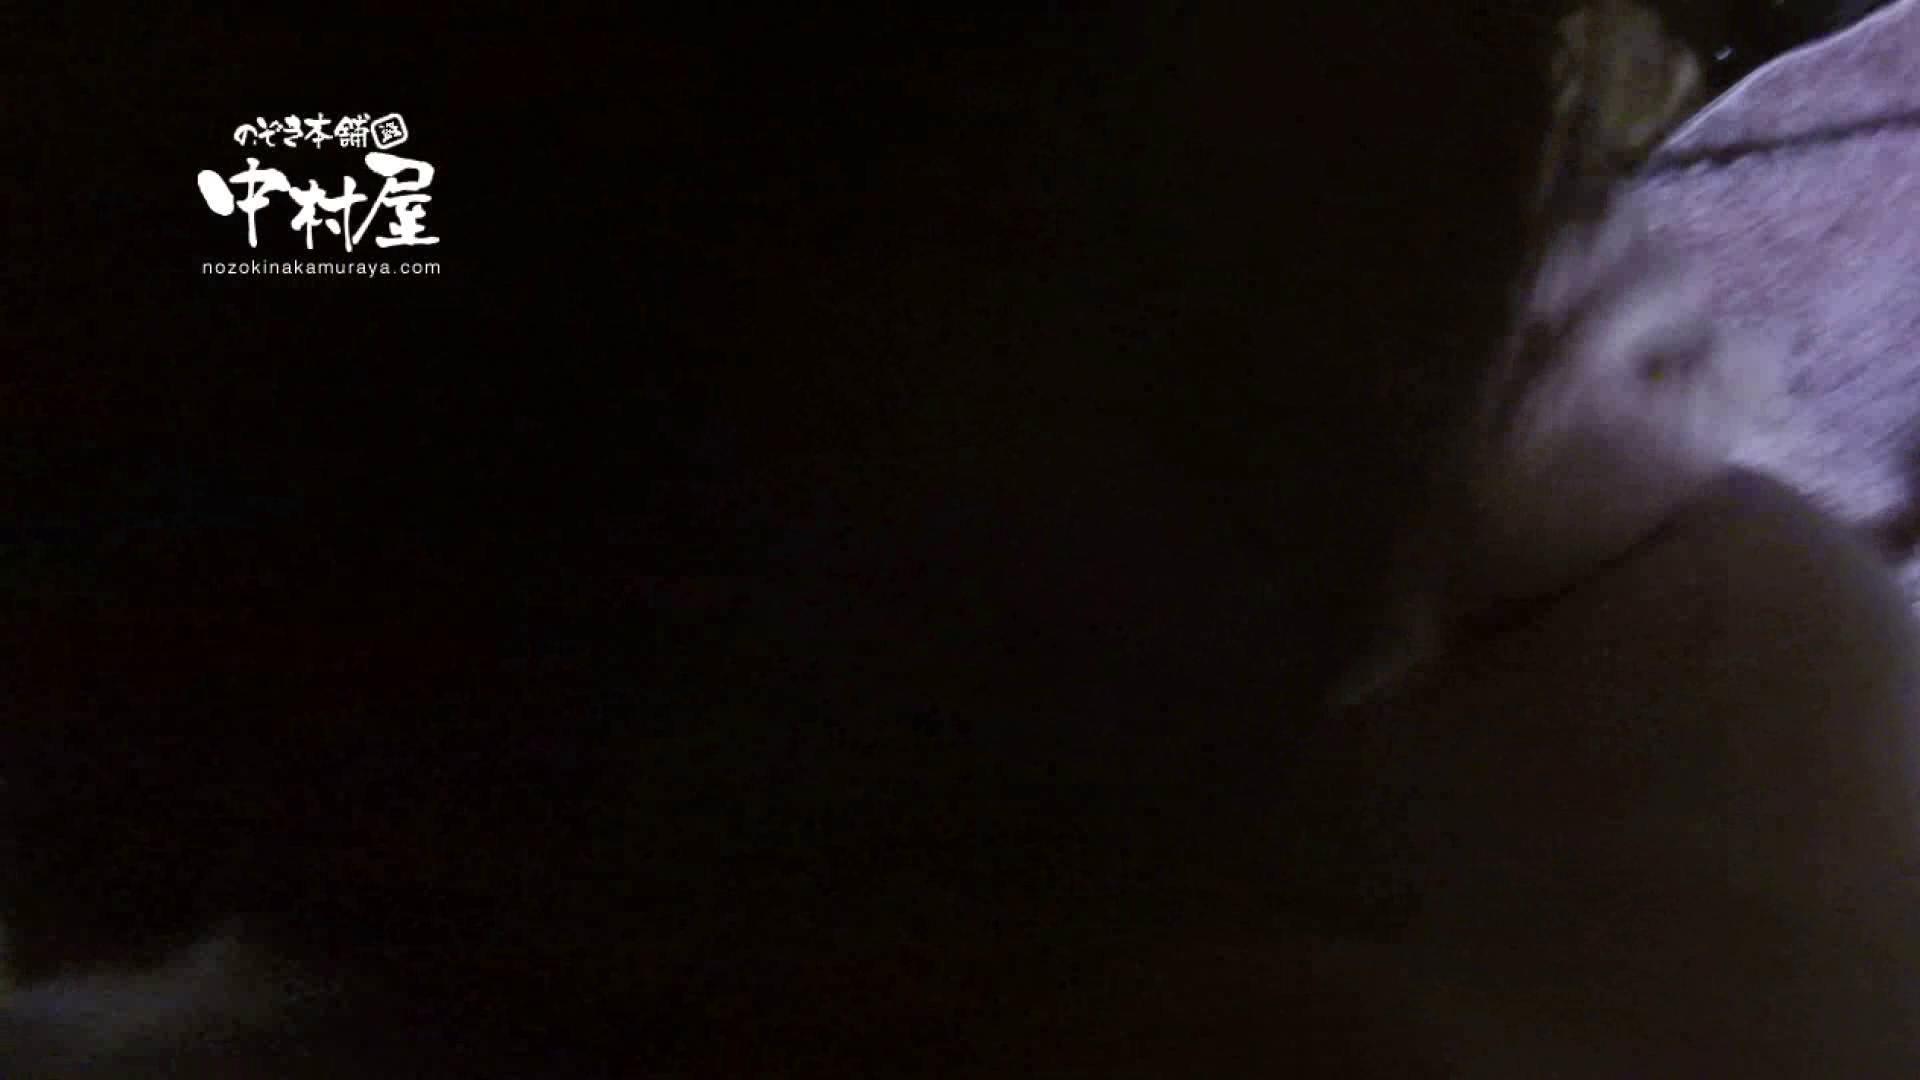 鬼畜 vol.10 あぁ無情…中出しパイパン! 前編 中出し  101連発 4